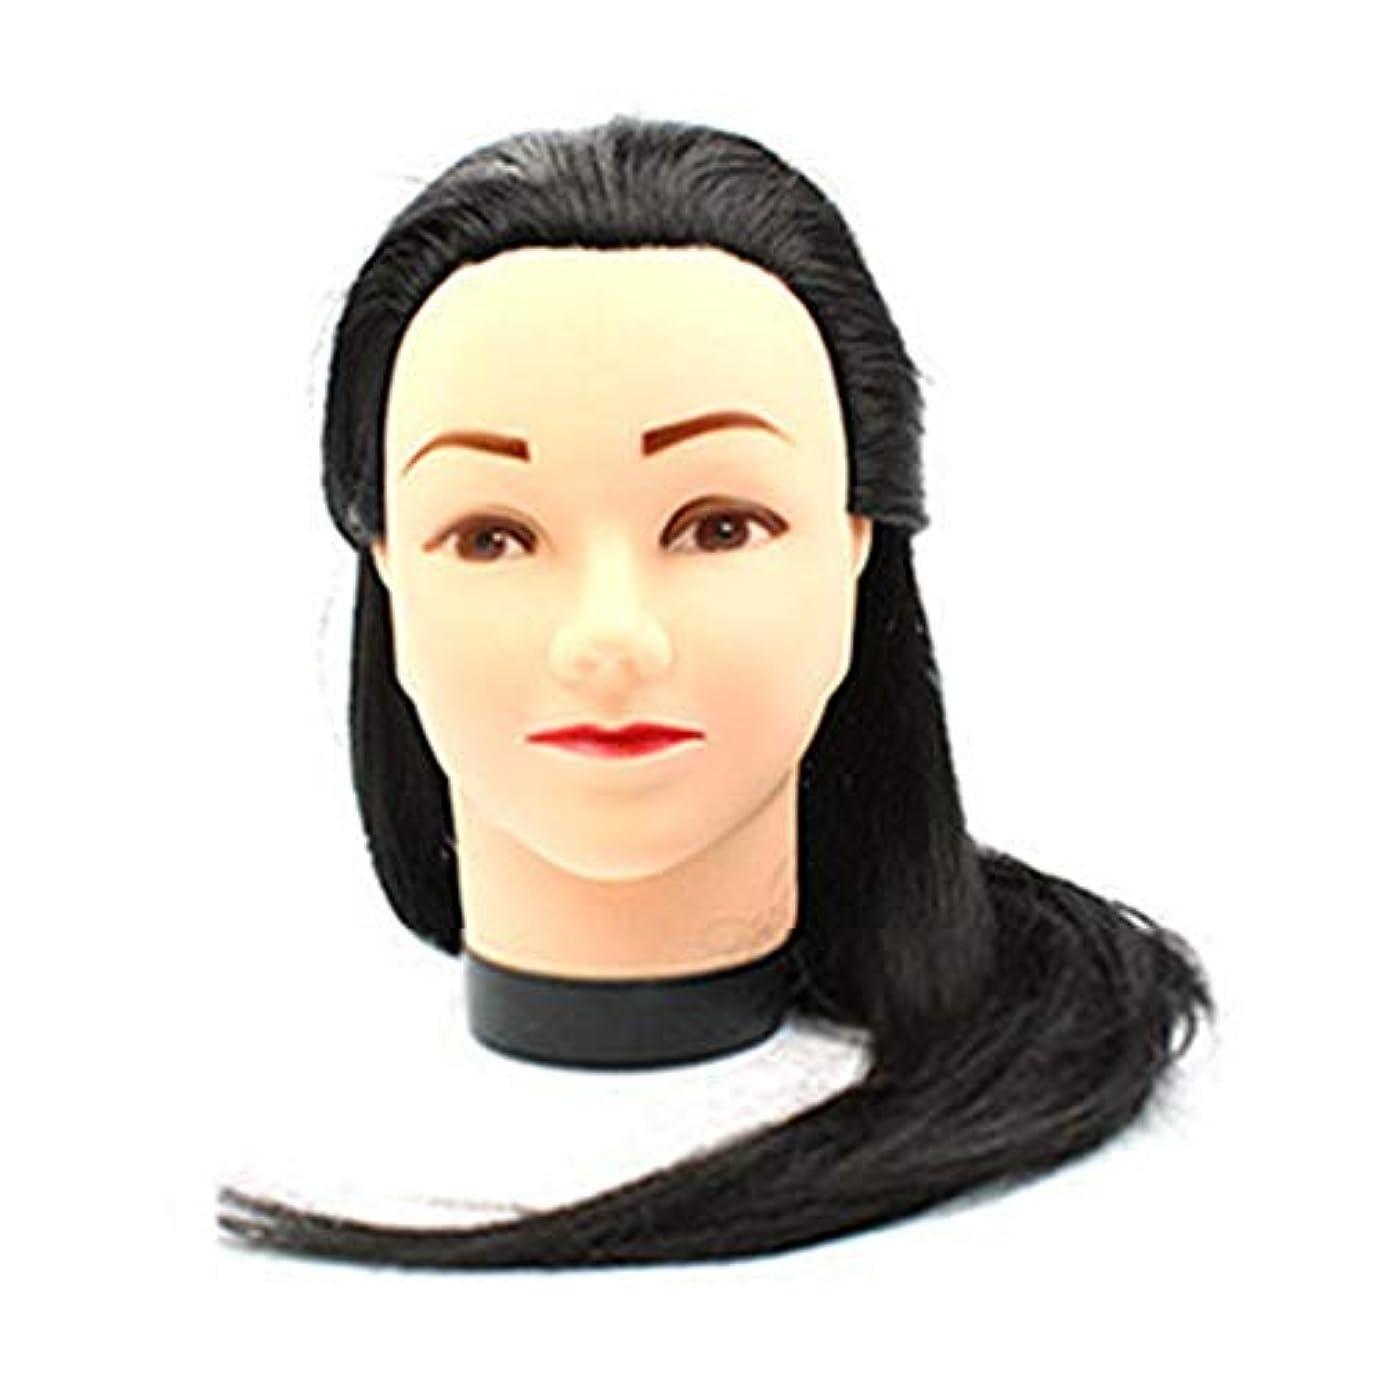 スコア捨てるトレーダー低温繊維かつらヘッドモールドメイクヘアスタイリングヘッドヘアーサロントレーニング学習ヘアカットデュアルユースダミー人間の頭